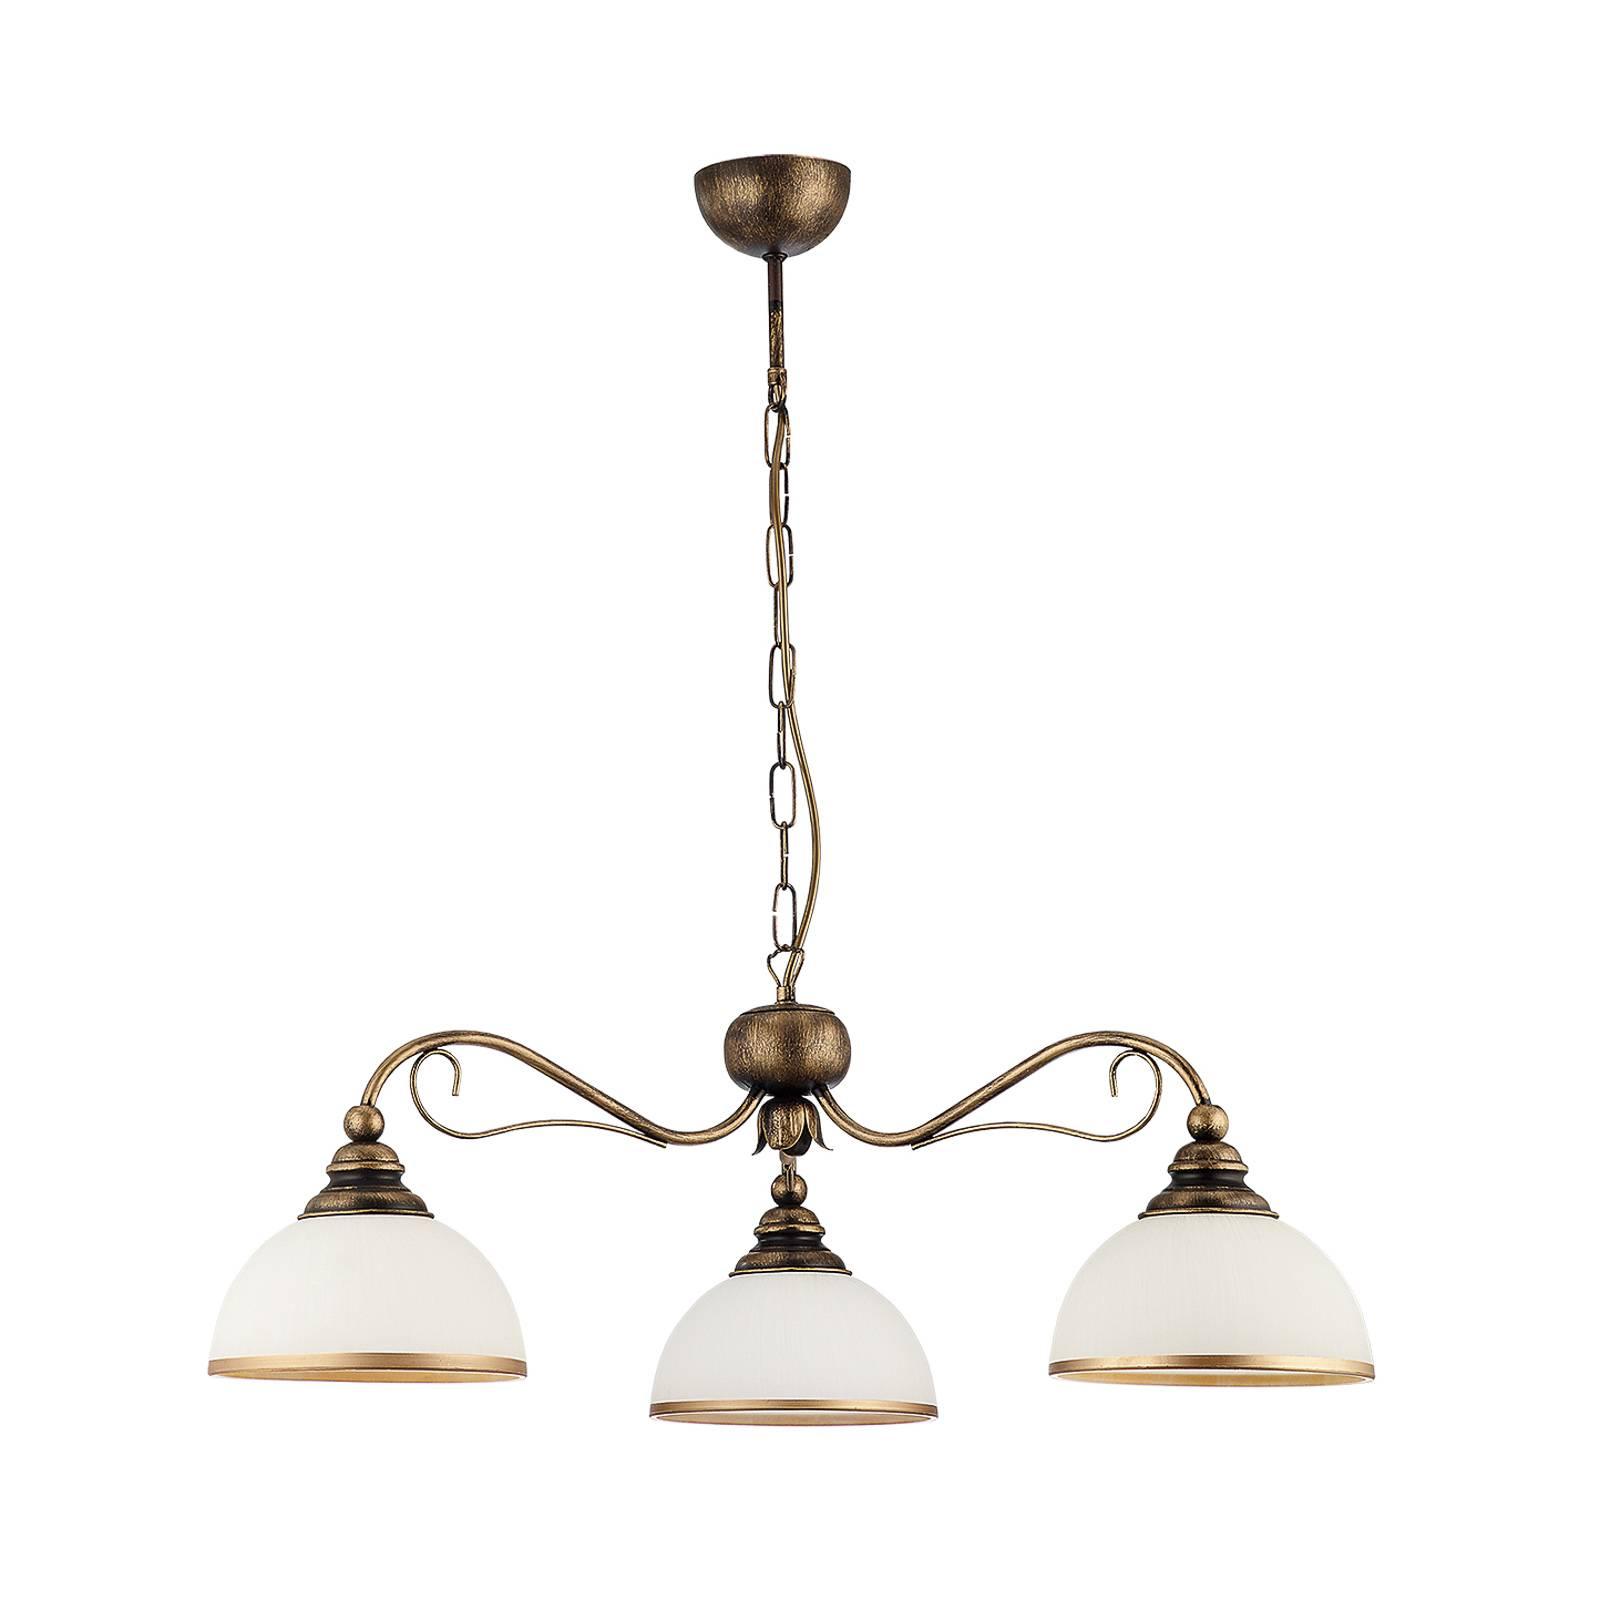 Suspension Casale à 3 lampes, Ø 74cm